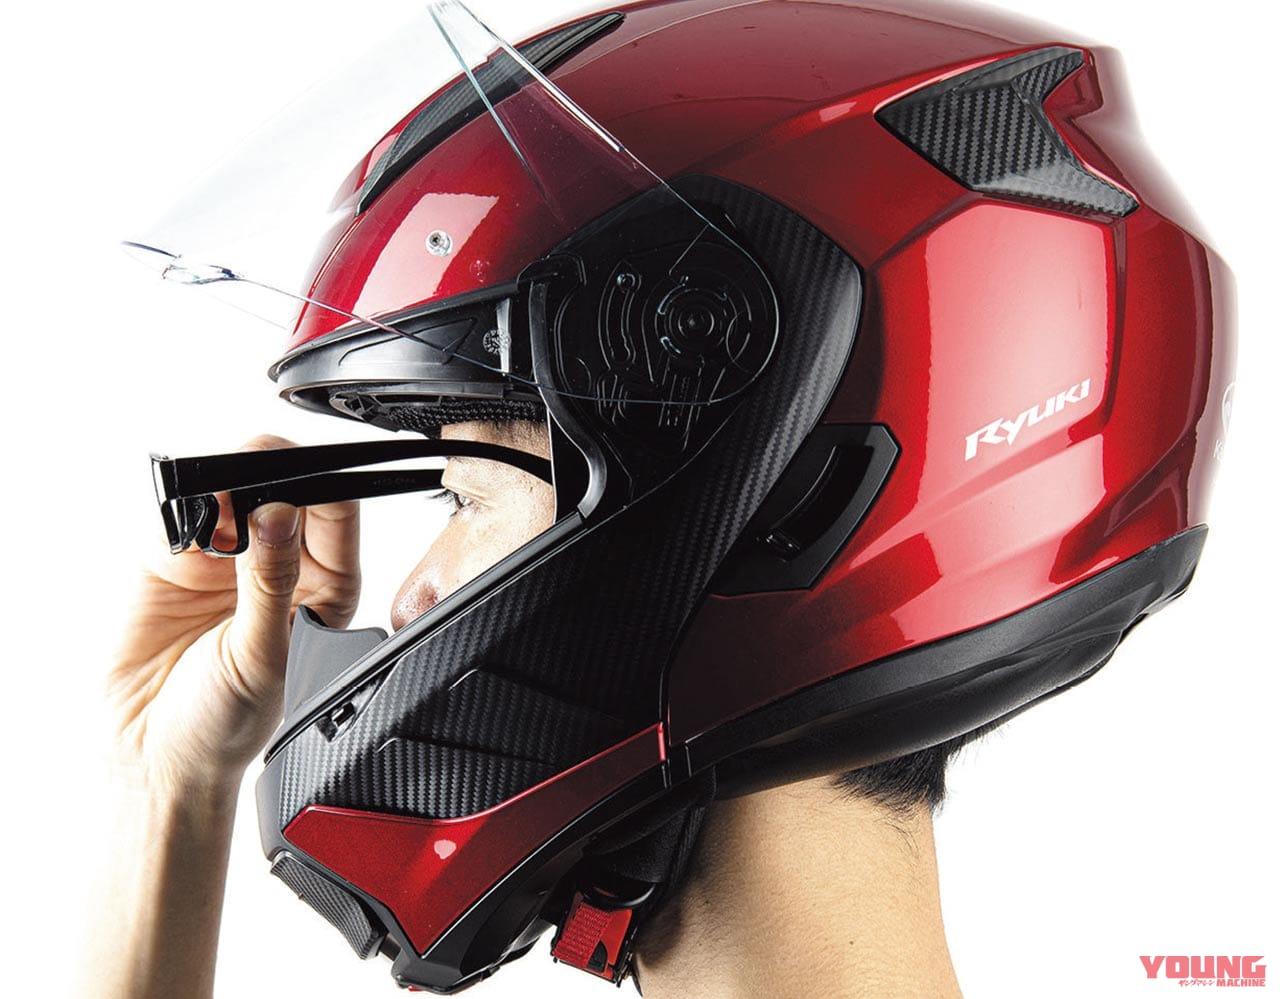 システムヘルメット:リュウキ[カブト]